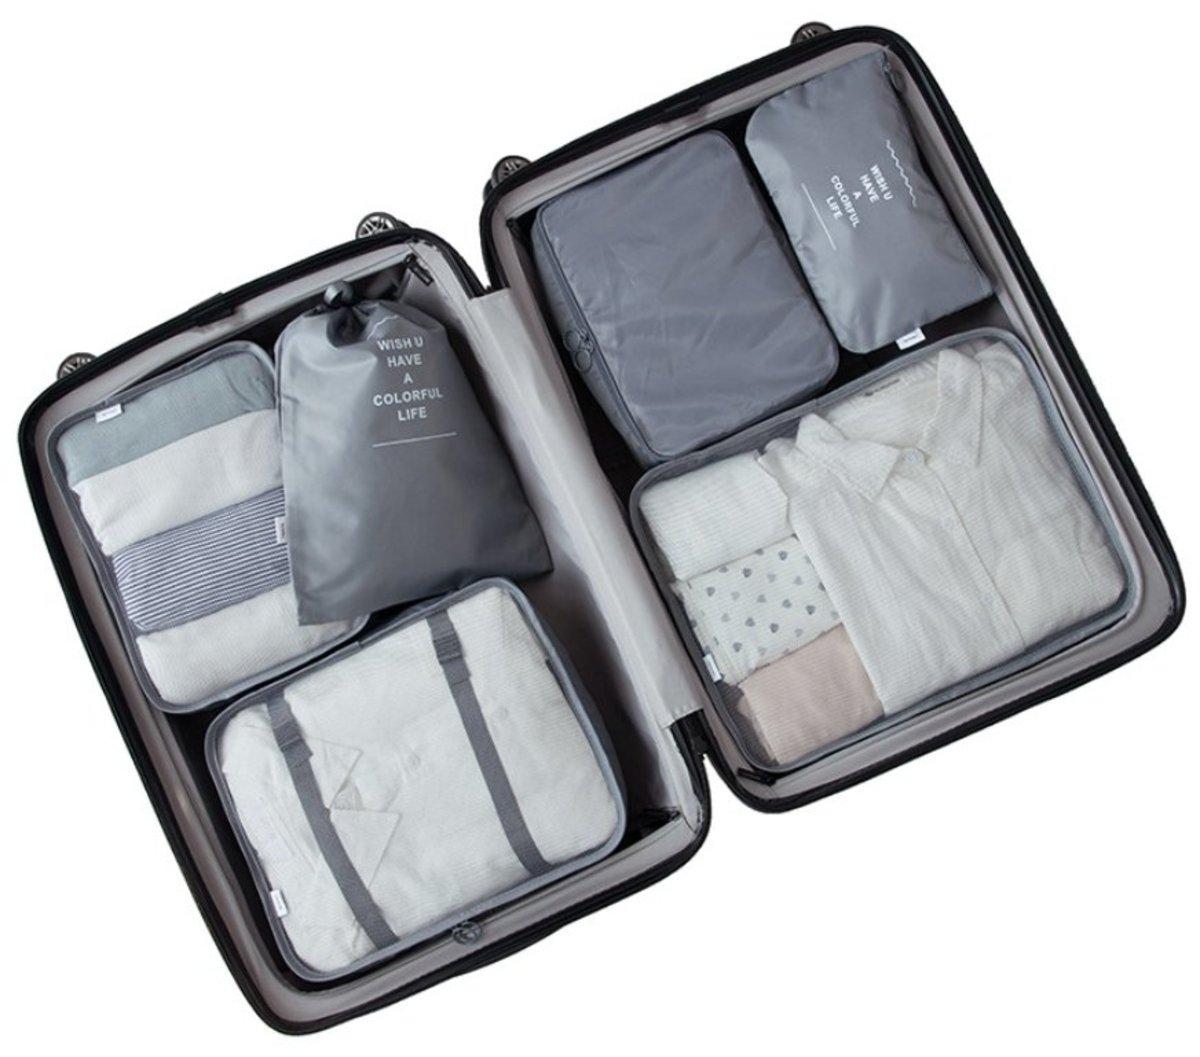 6 件組旅行收納袋 (灰色)